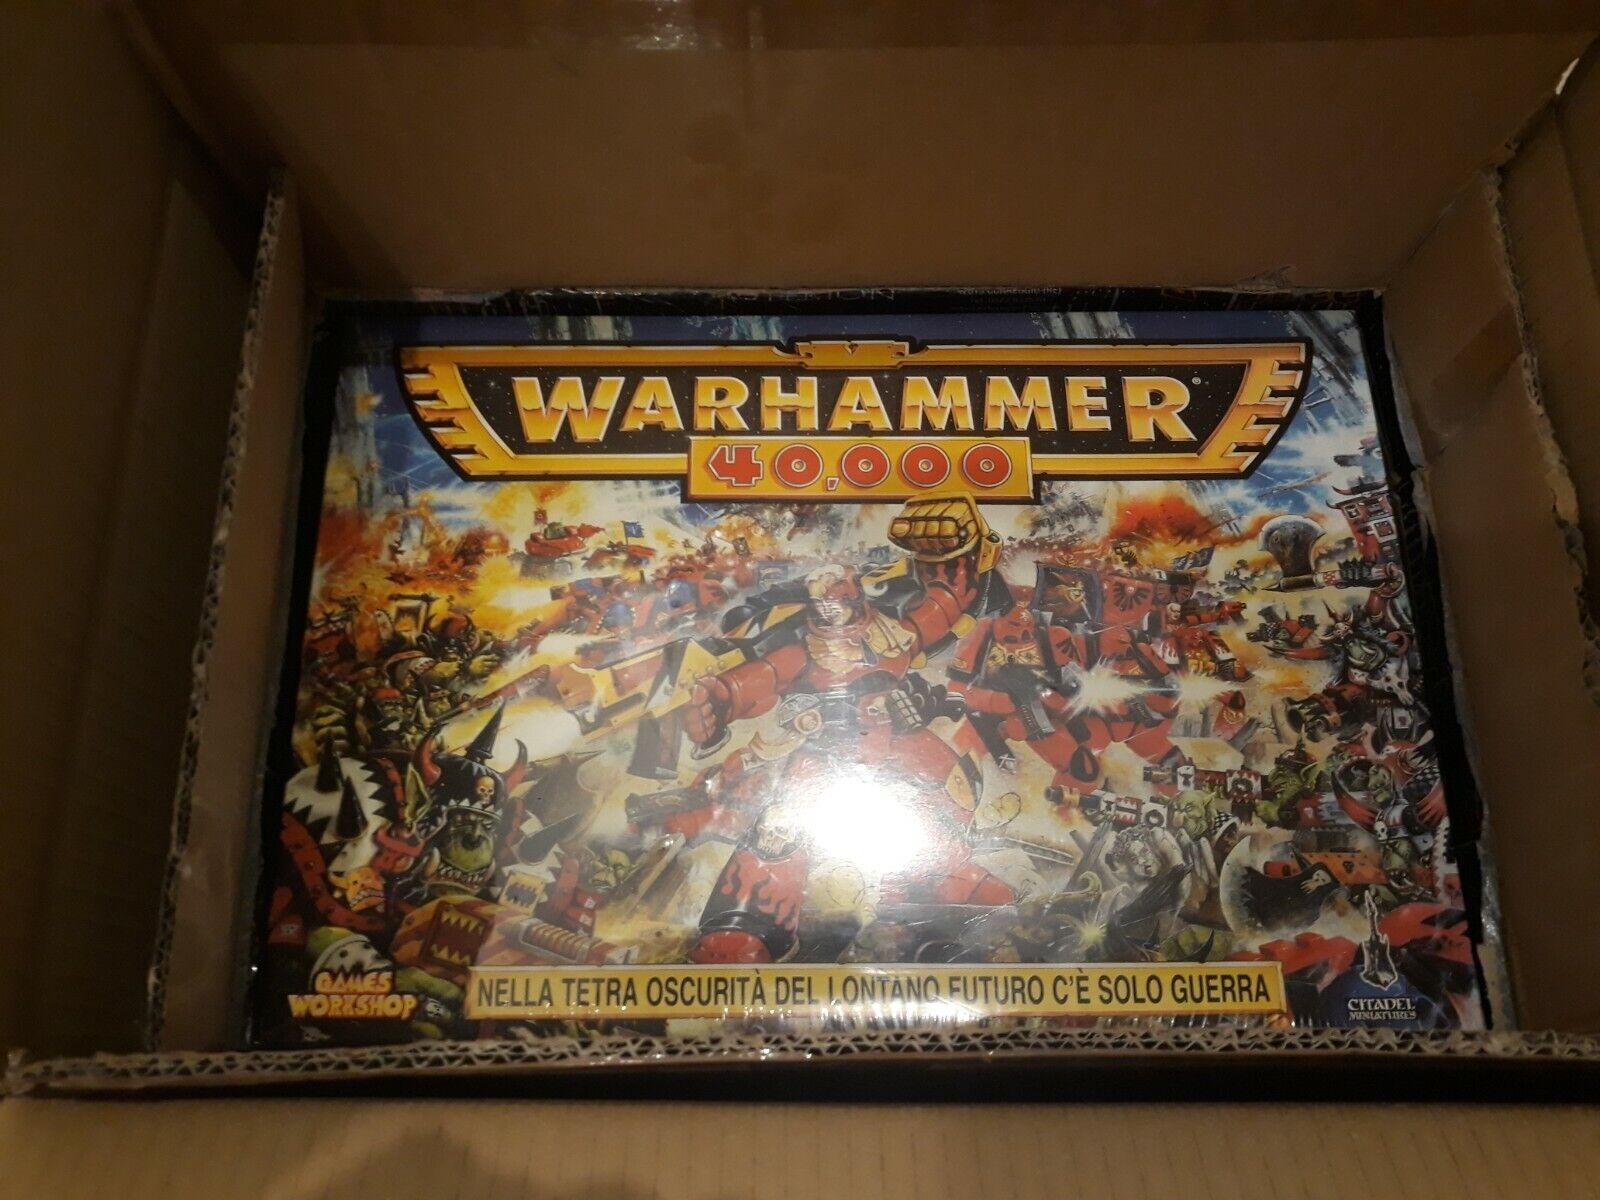 GW Warhammer 40K Warhammer 40,000  (2nd edizione) scatola  negozio online